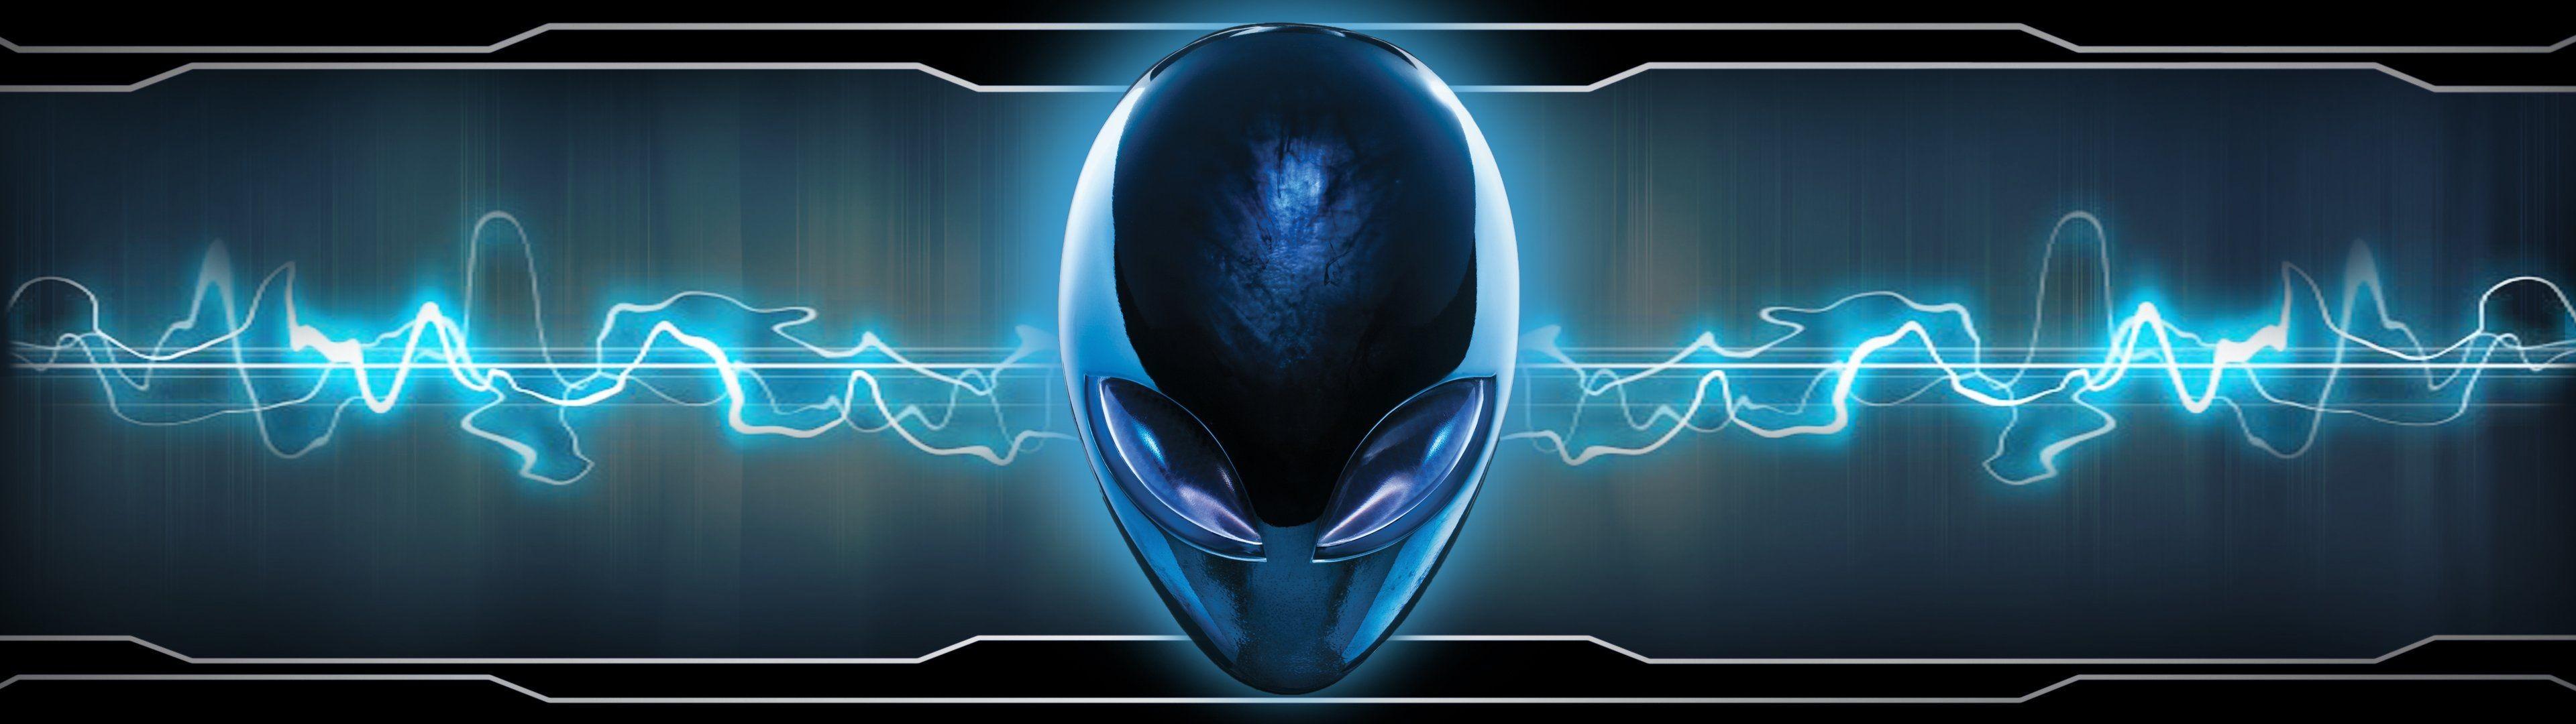 Dual monitor scrren multi multiple alien alienware wallpaper .